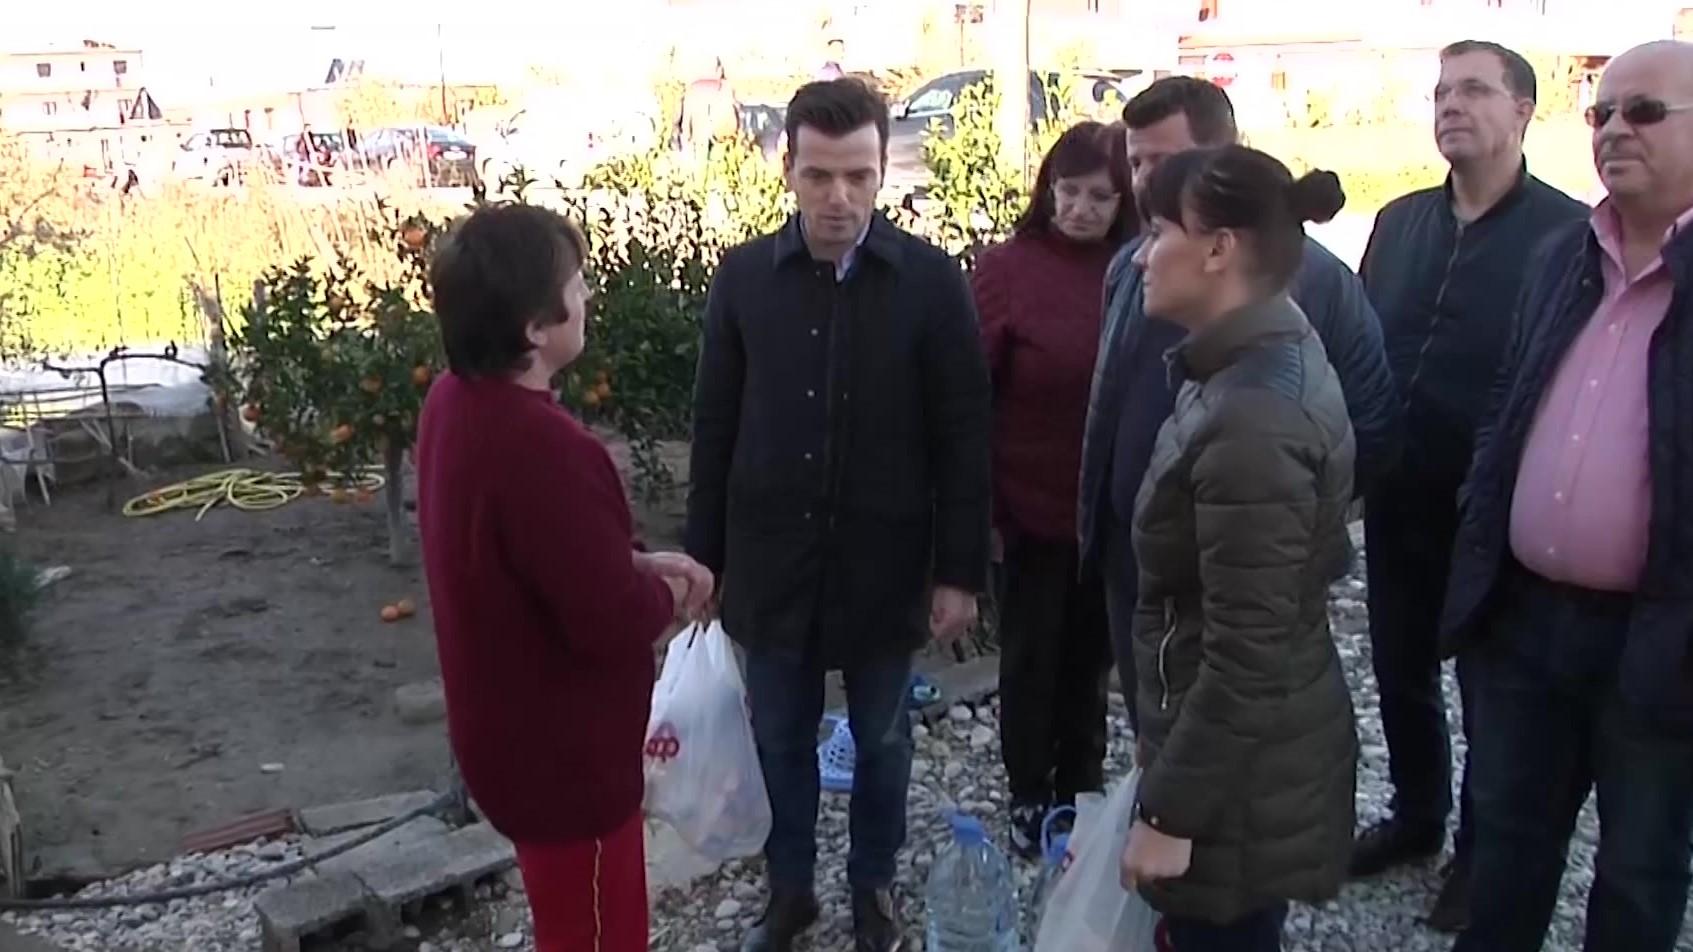 Agron Shehaj dhe Nada Meçorapaj shpërndajnë ndihma për banorët